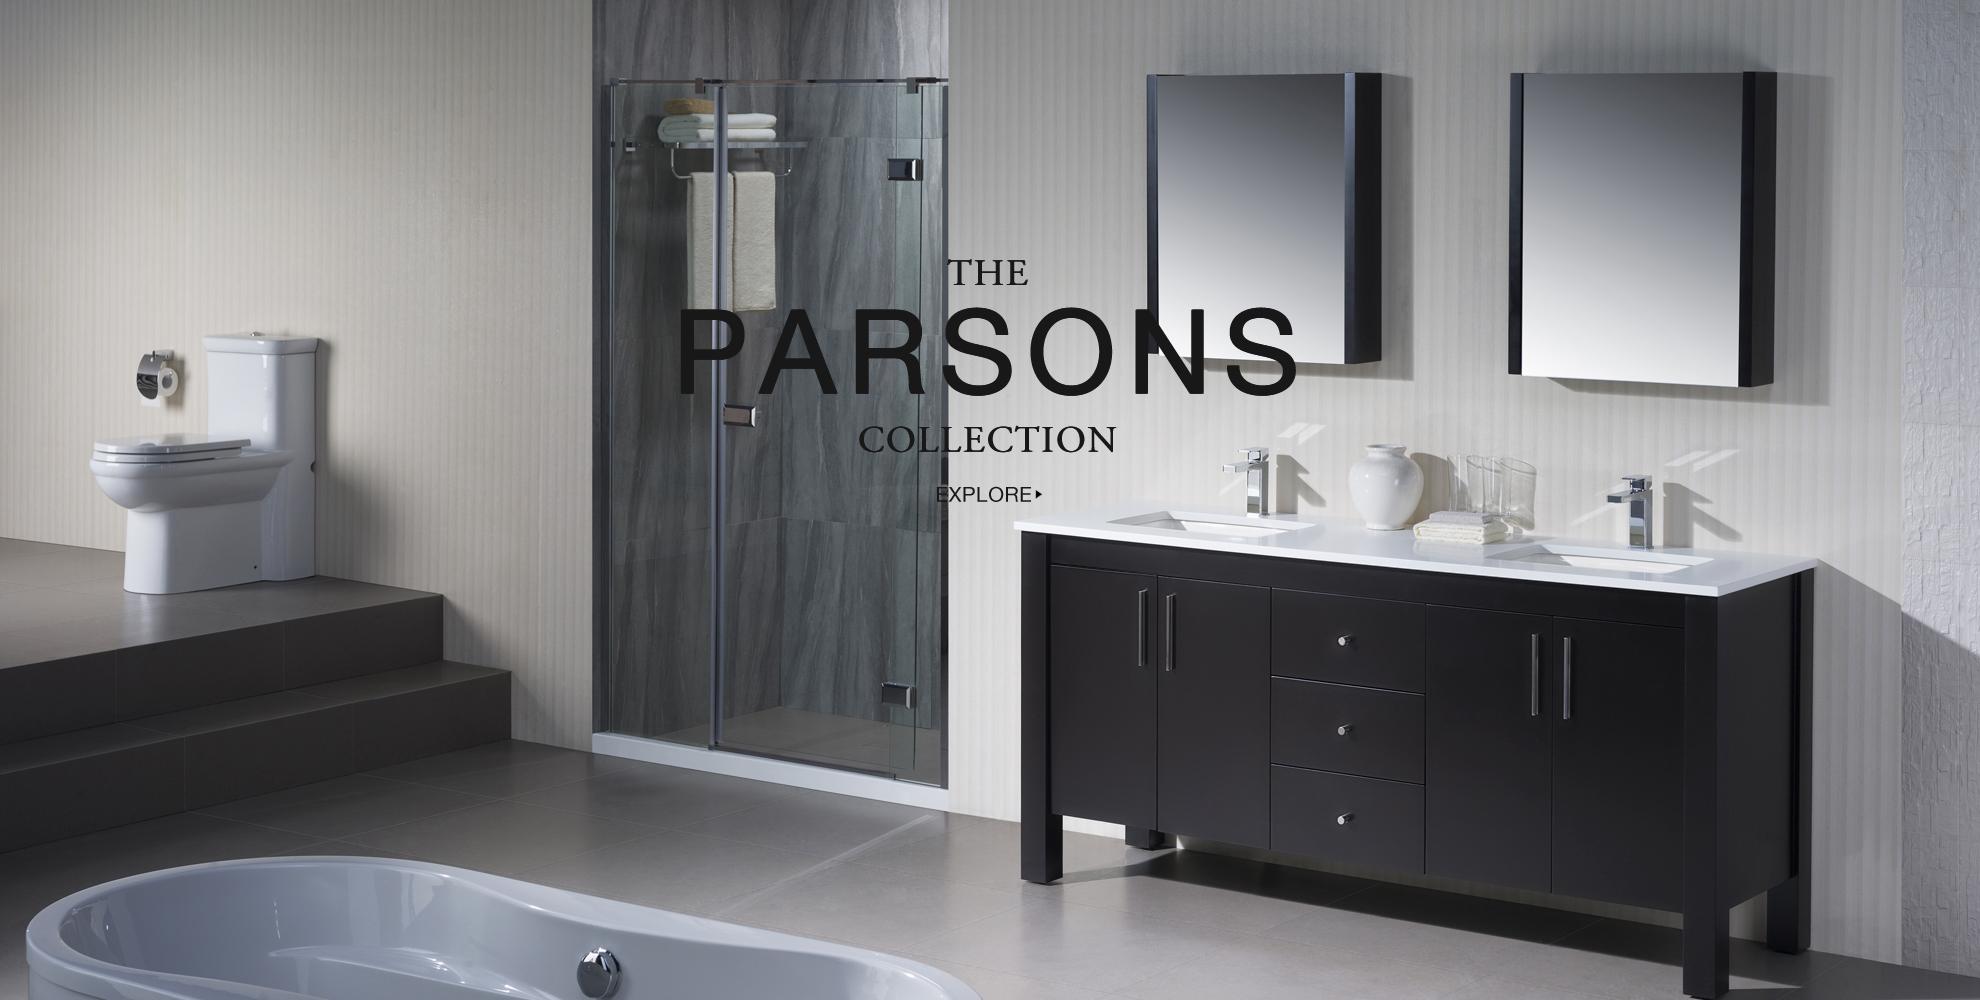 discount bathroom vanities tampa  middot  3555 nw 83 avenue suite 100 doral fl 33122 vanities miami doral. Bathroom Vanities Tampa pictures gallery   A1houston com